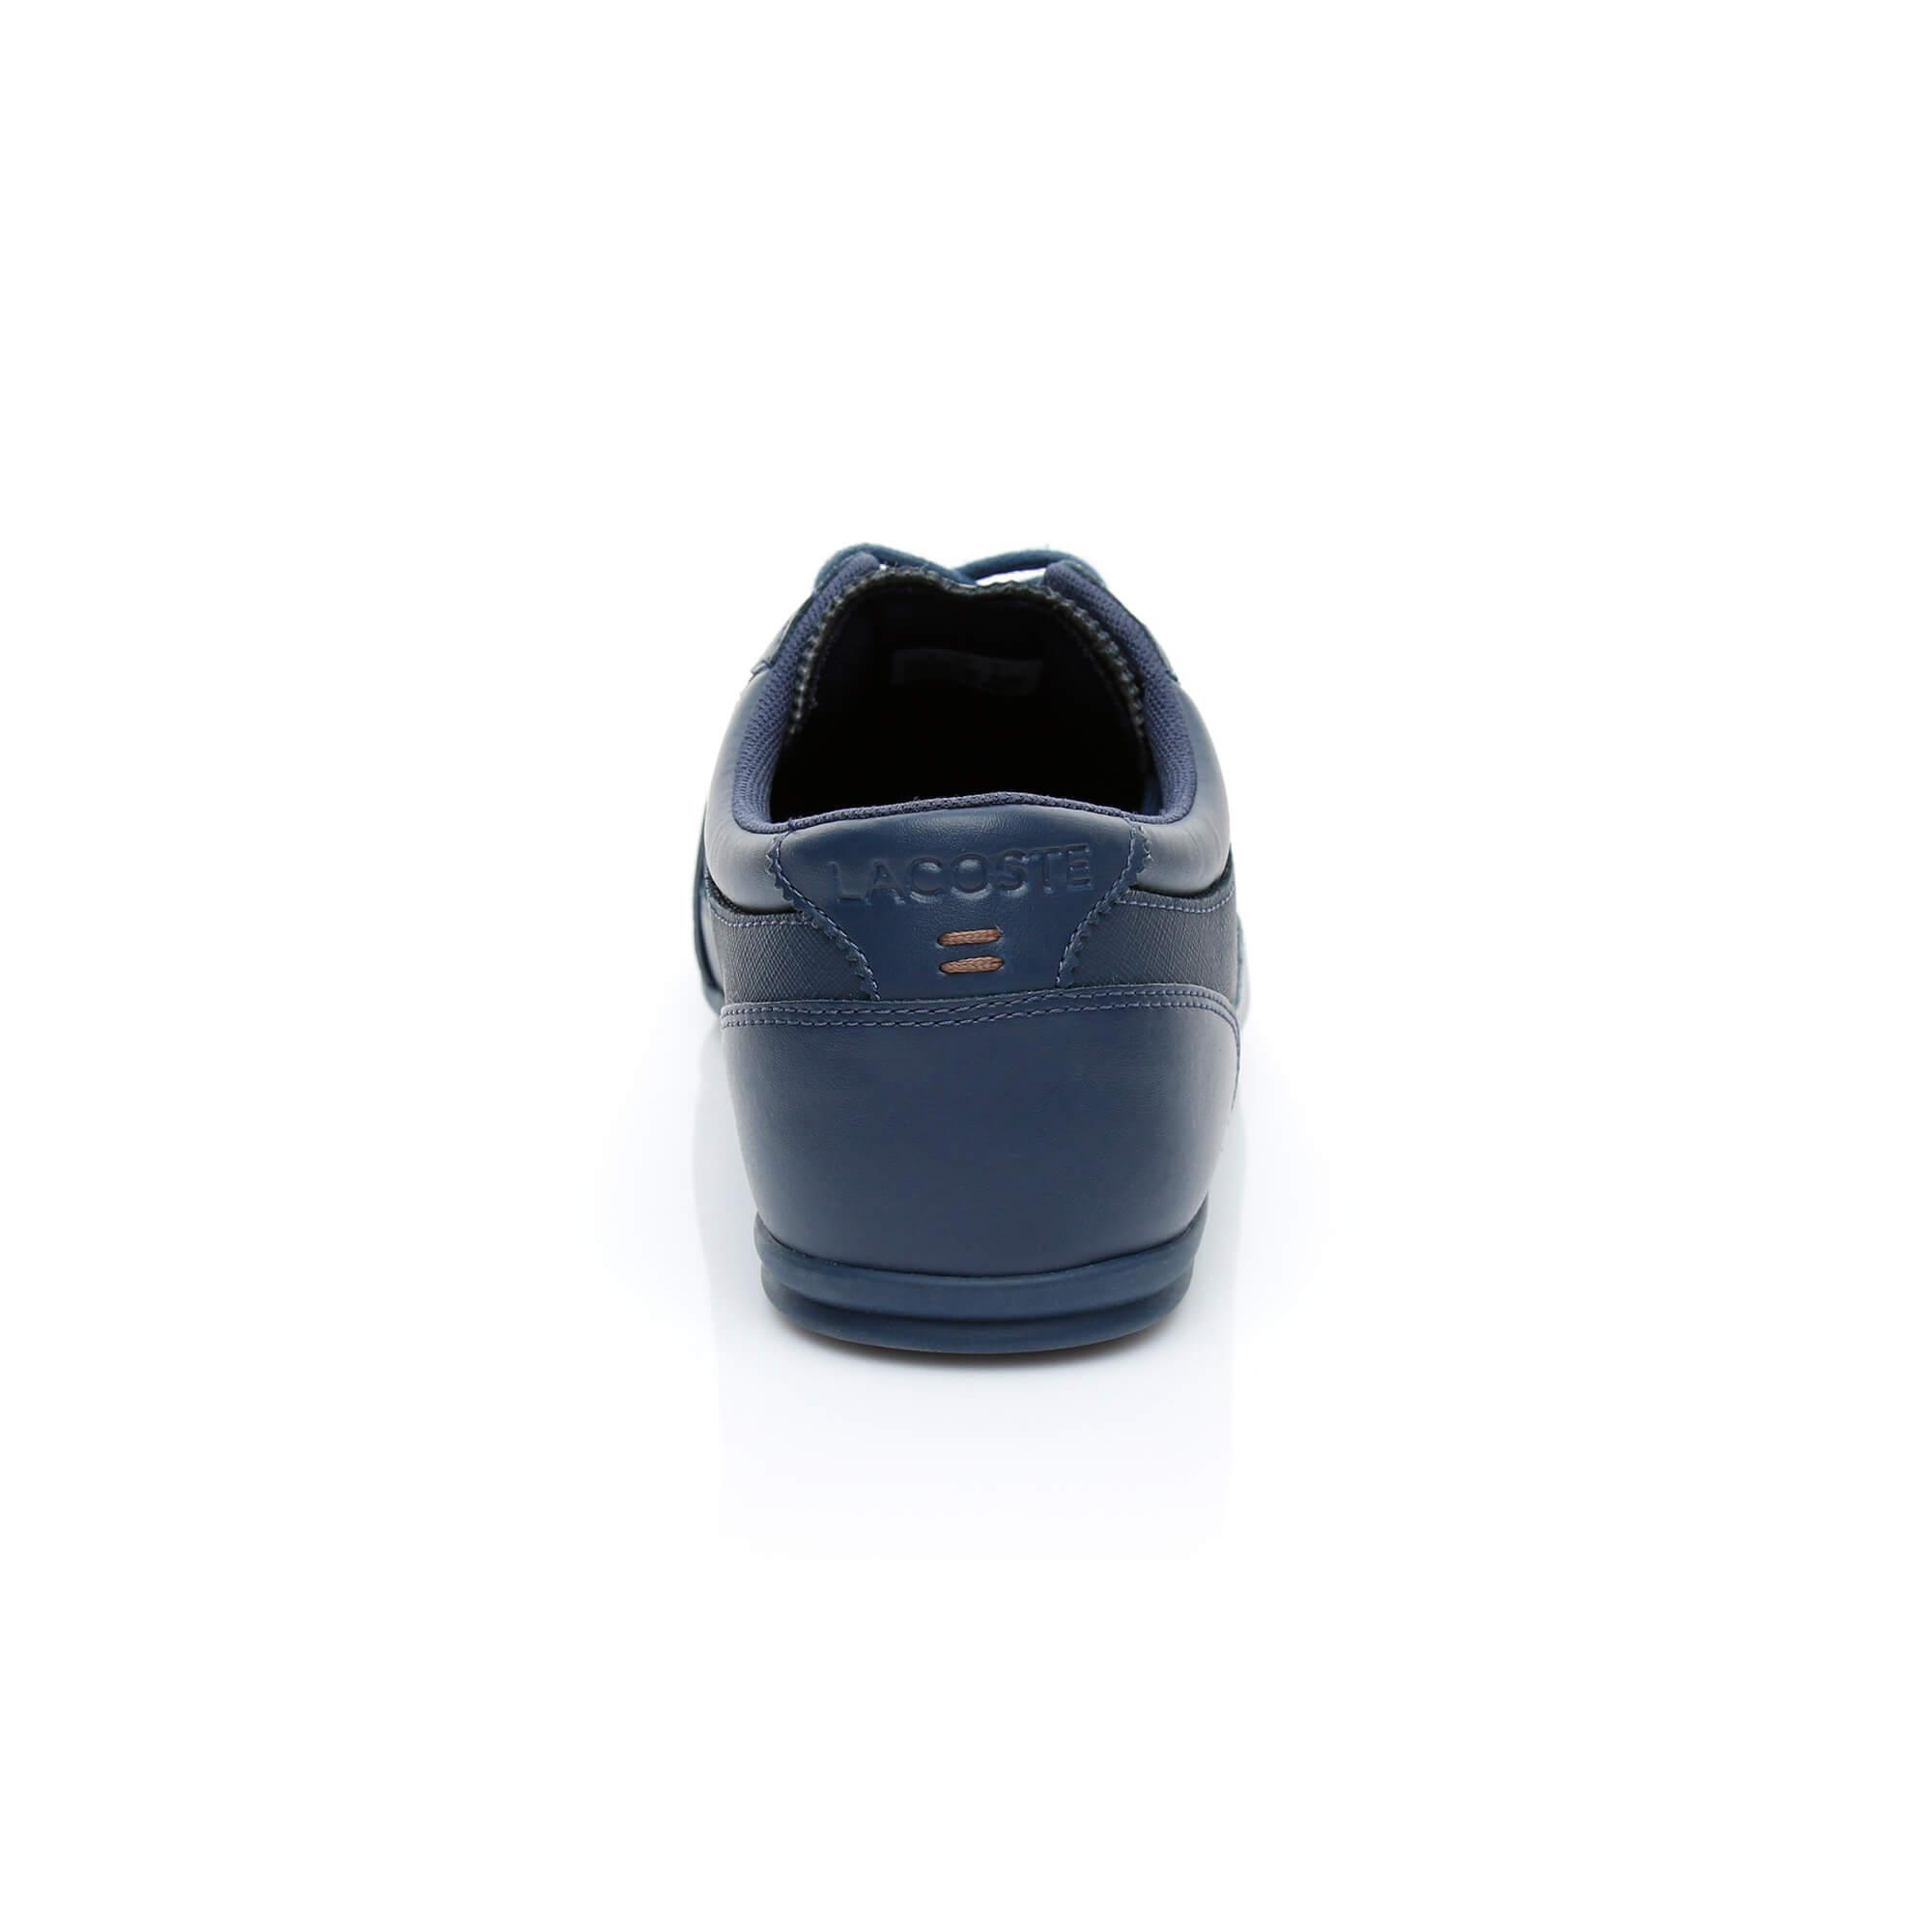 Lacoste Men's Evara 318 1 Navy Casual Shoes